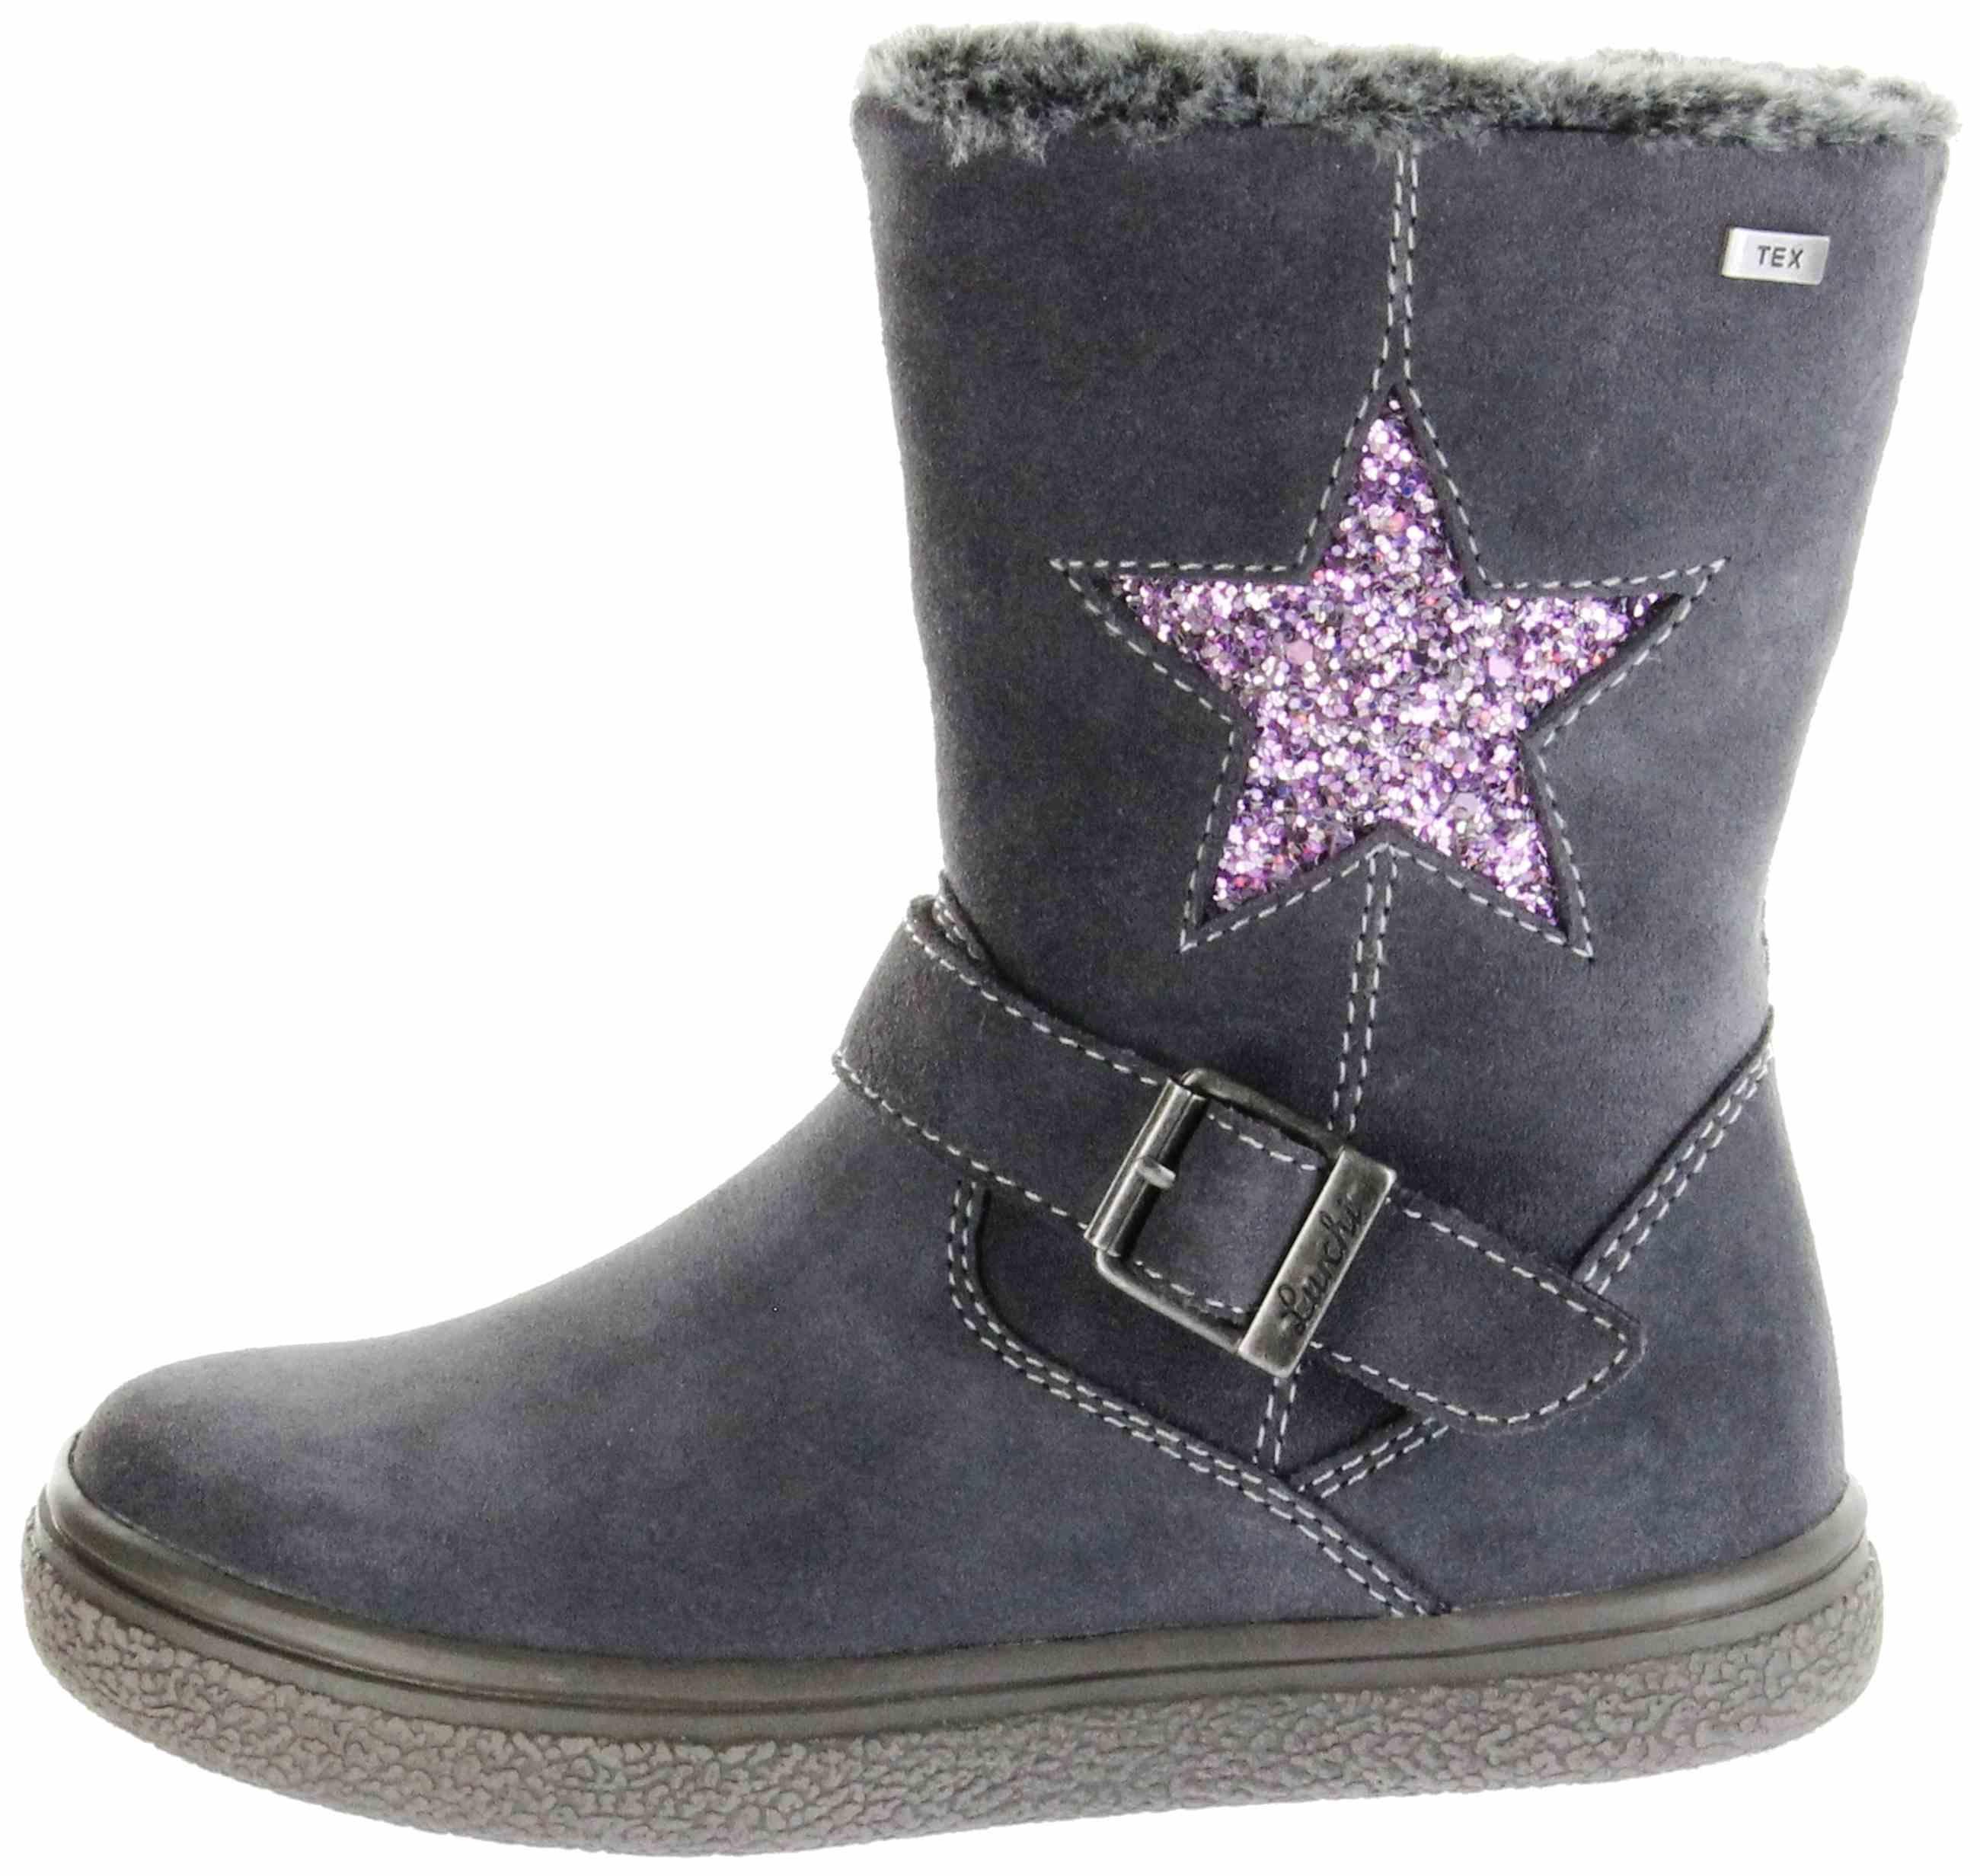 Lurchi Kinder Stiefel grau Velourleder Mädchen Schuhe 33 ...